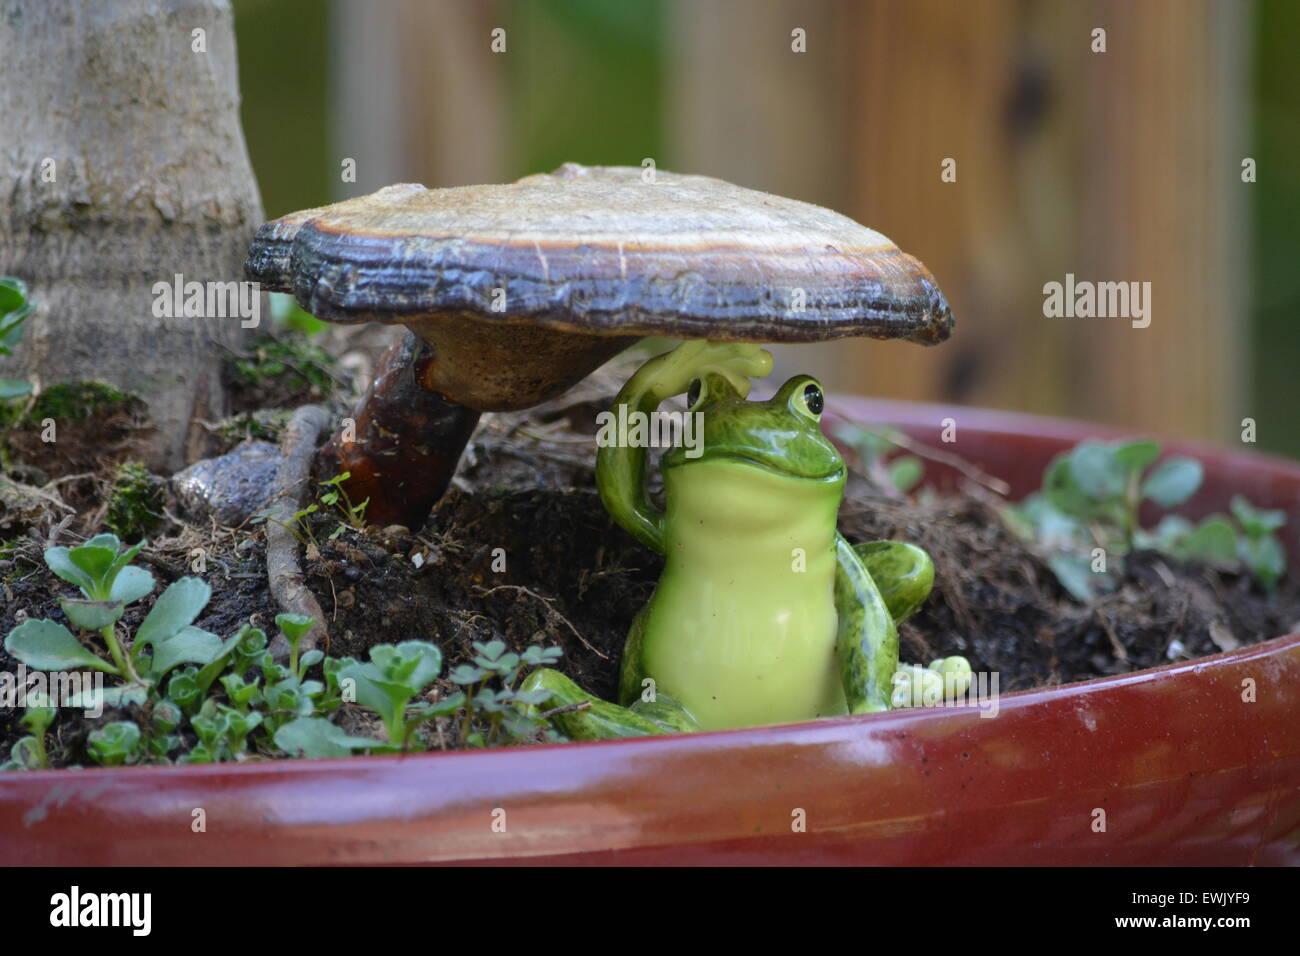 comical,frog, mushroom, home, - Stock Image